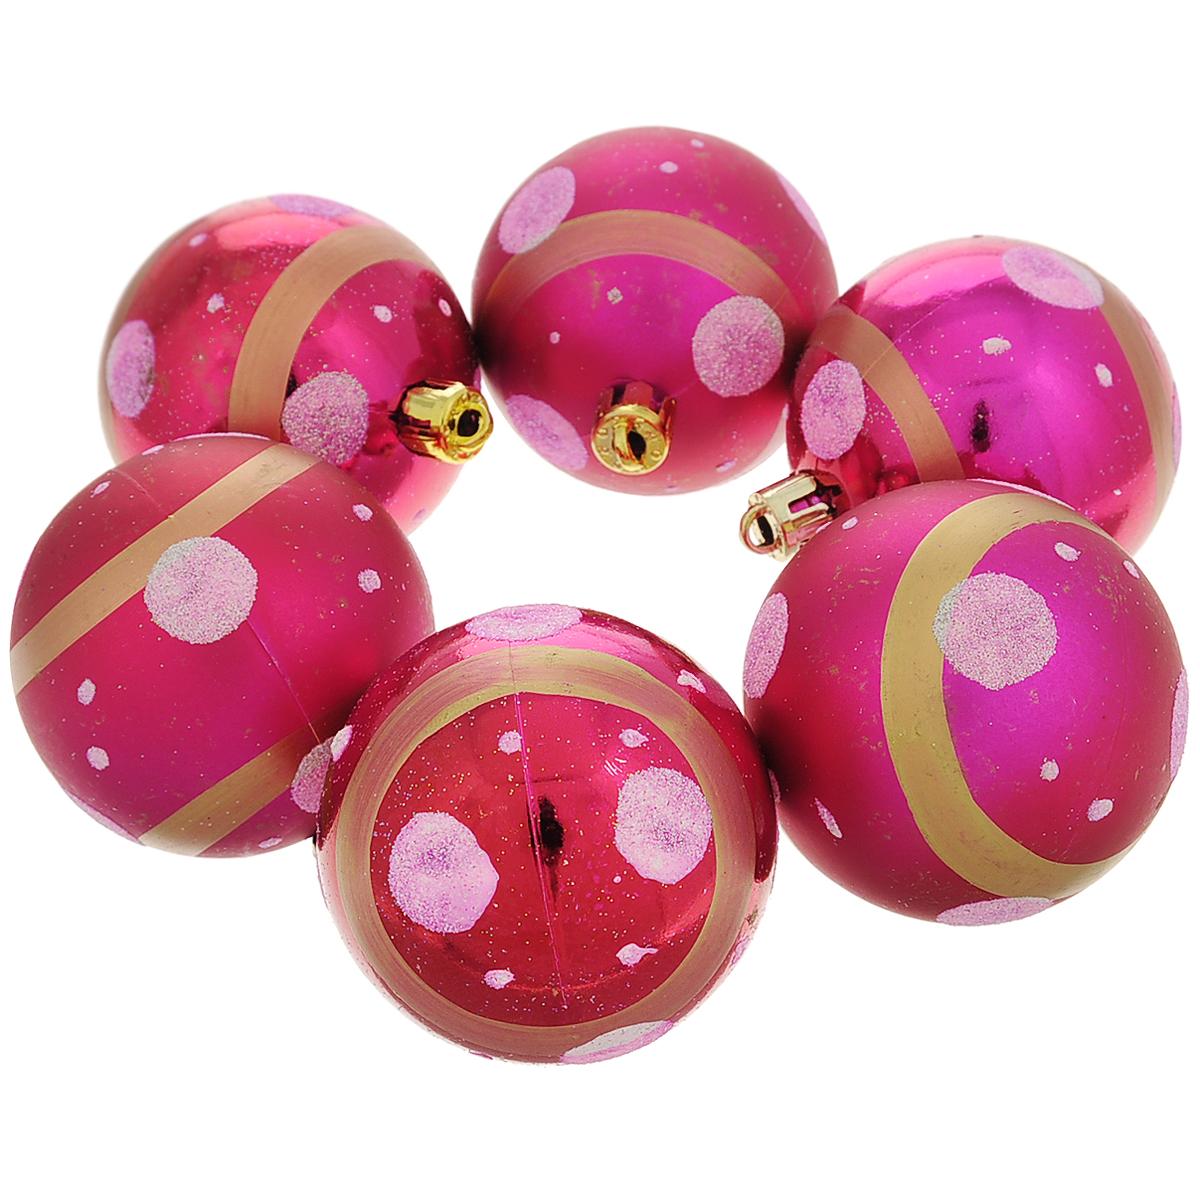 Набор новогодних подвесных украшений Шар, цвет: малиновый, диаметр 6 см, 6 шт. 3554235542Набор новогодних подвесных украшений Шар прекрасно подойдет для праздничного декора новогодней ели. Состоит из шести шаров. Елочная игрушка - символ Нового года. Она несет в себе волшебство и красоту праздника. Создайте в своем доме атмосферу веселья и радости, украшая новогоднюю елку нарядными игрушками, которые будут из года в год накапливать теплоту воспоминаний. Коллекция декоративных украшений принесет в ваш дом ни с чем несравнимое ощущение волшебства! Откройте для себя удивительный мир сказок и грез. Почувствуйте волшебные минуты ожидания праздника, создайте новогоднее настроение вашим дорогим и близким.